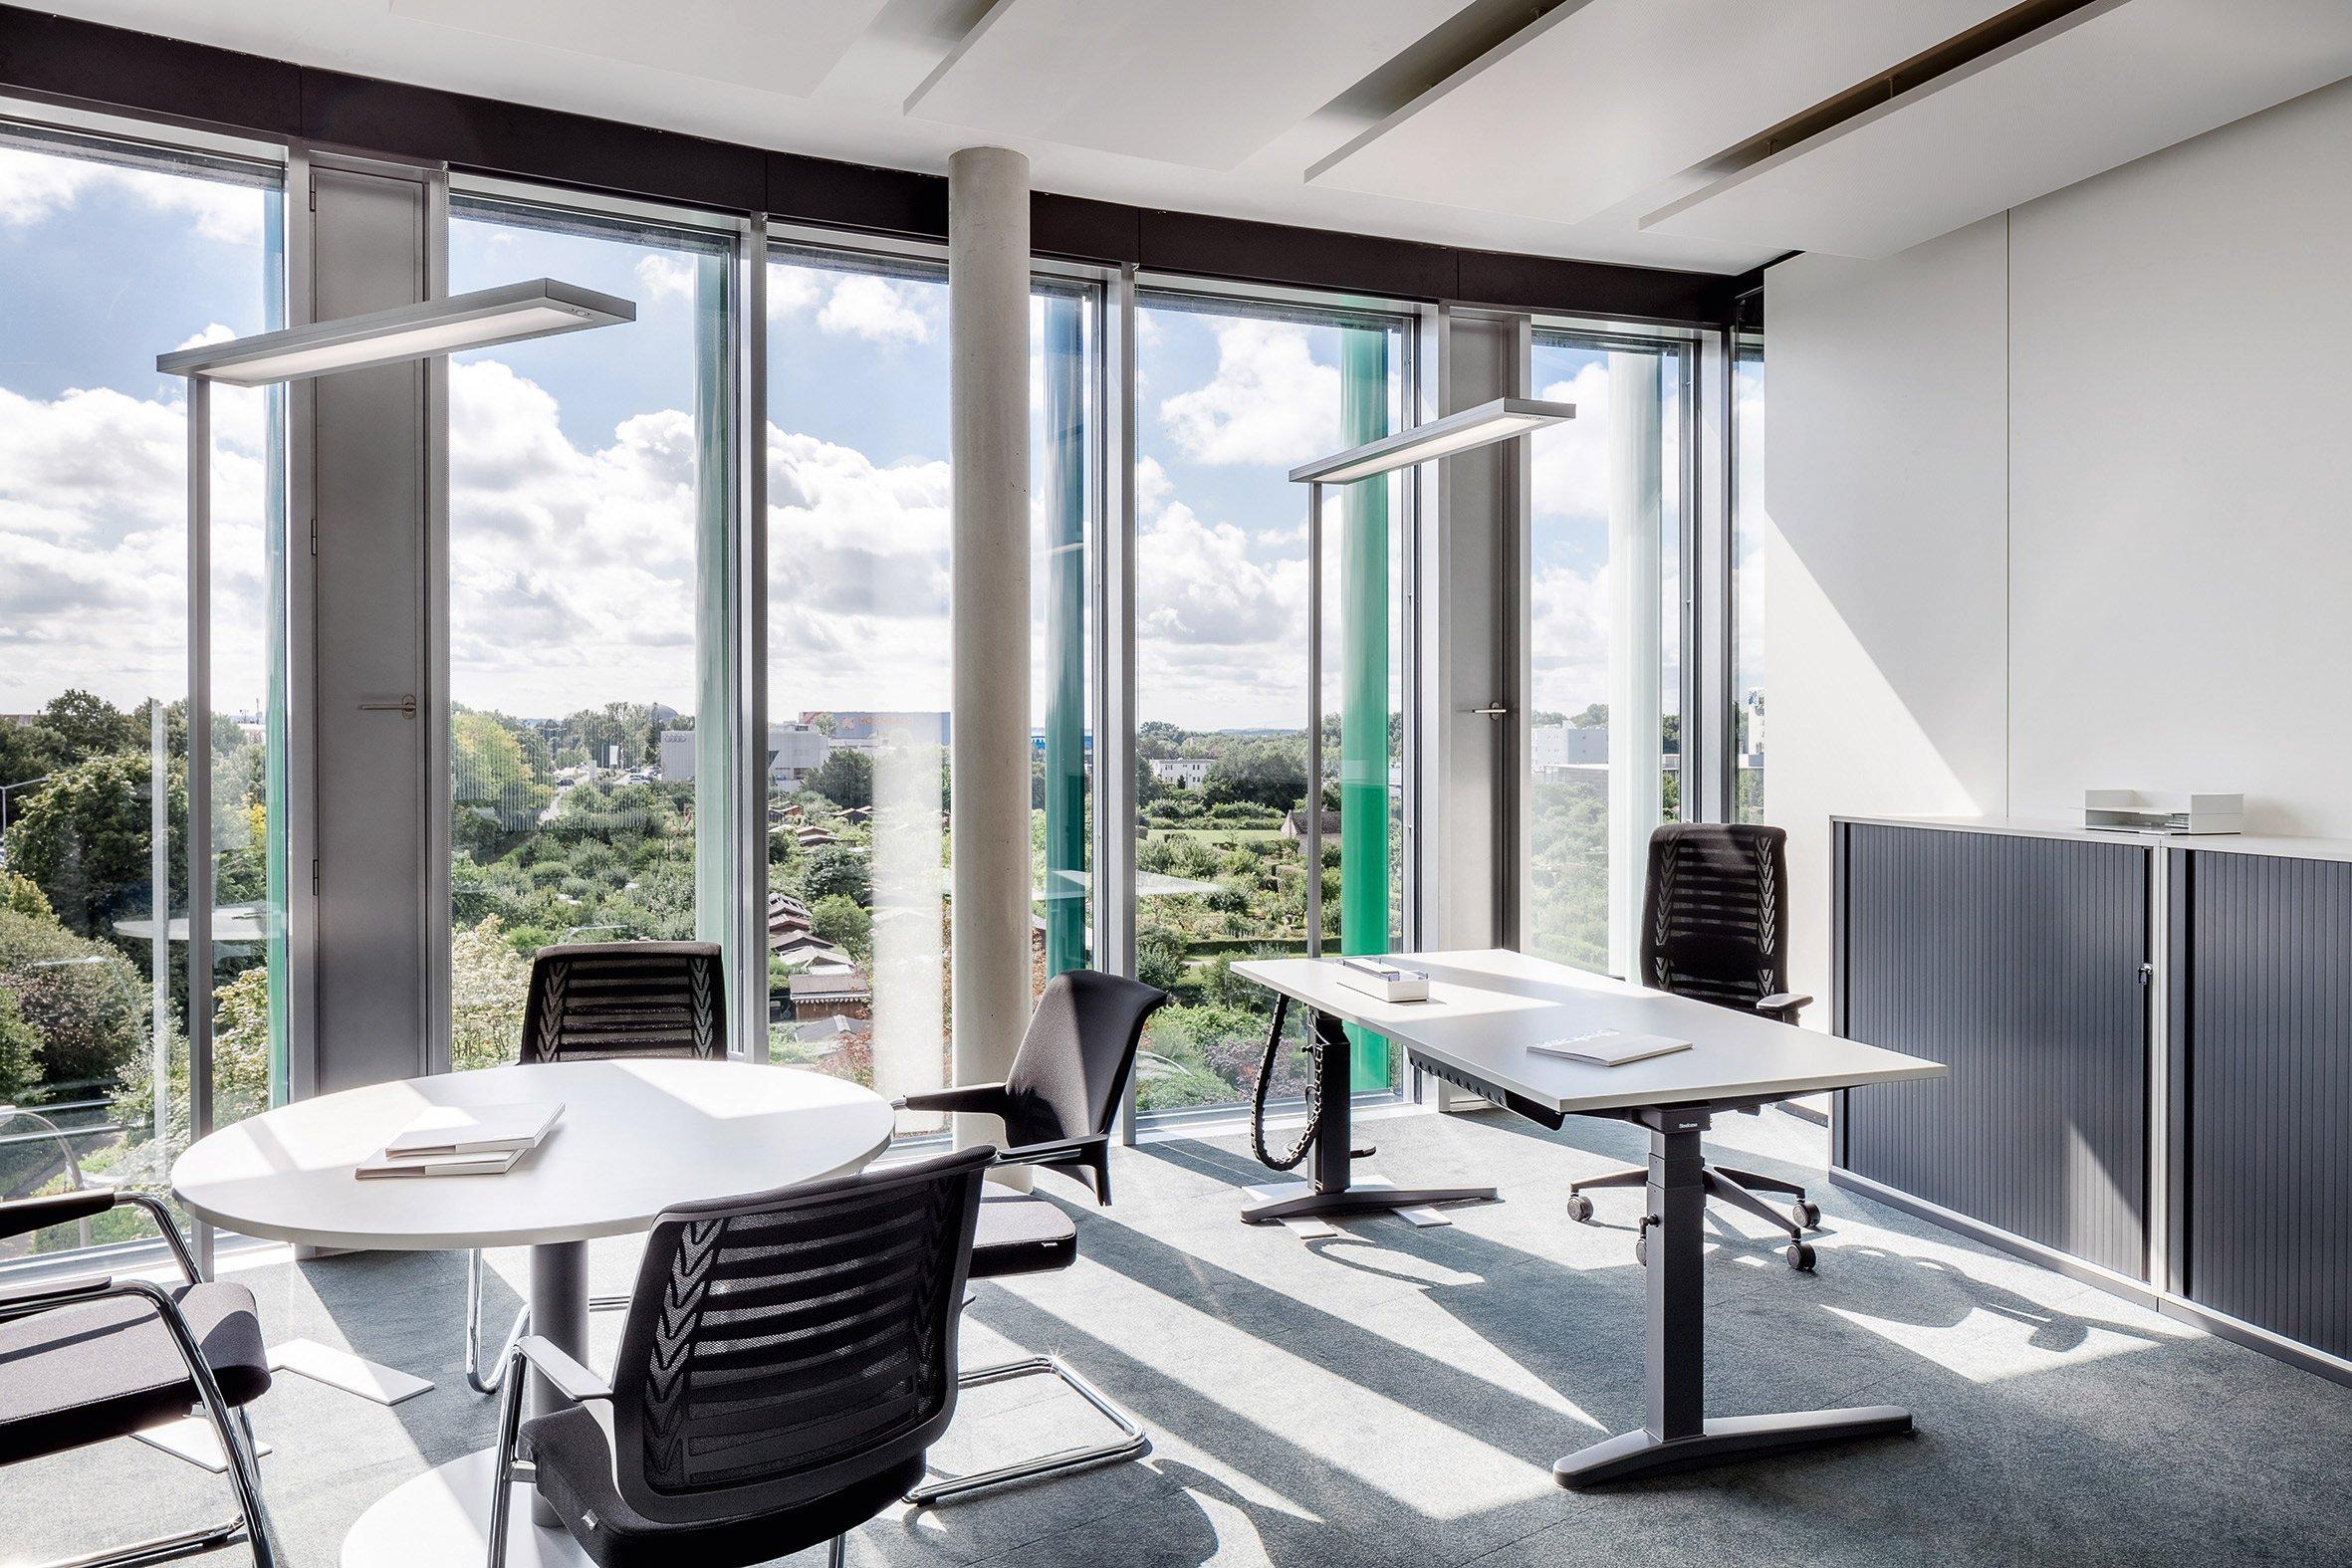 waldmann beleuchtet technologiezentrum mit lavigo stehleuchten. Black Bedroom Furniture Sets. Home Design Ideas